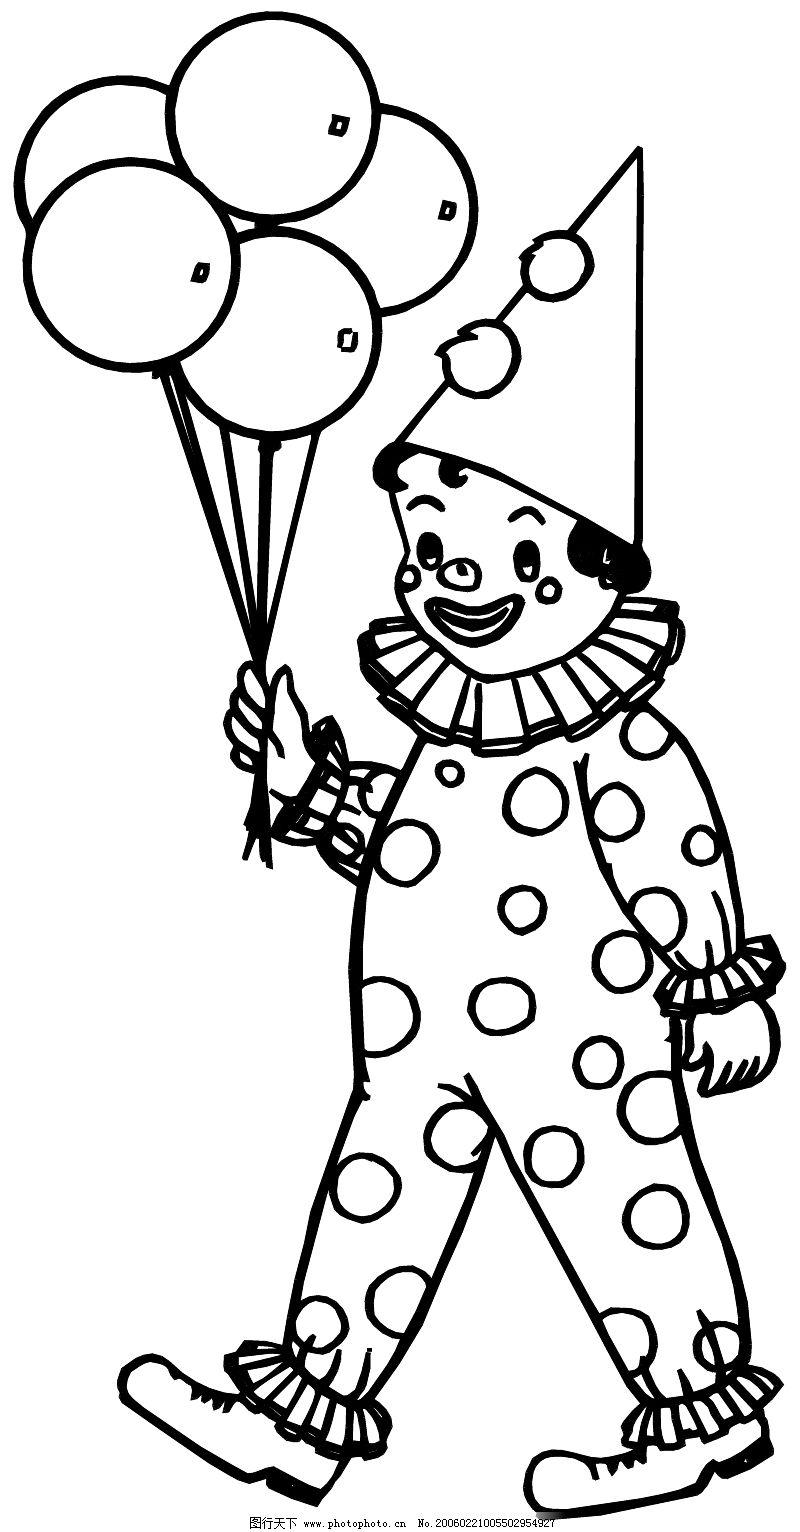 小丑简单图片手绘